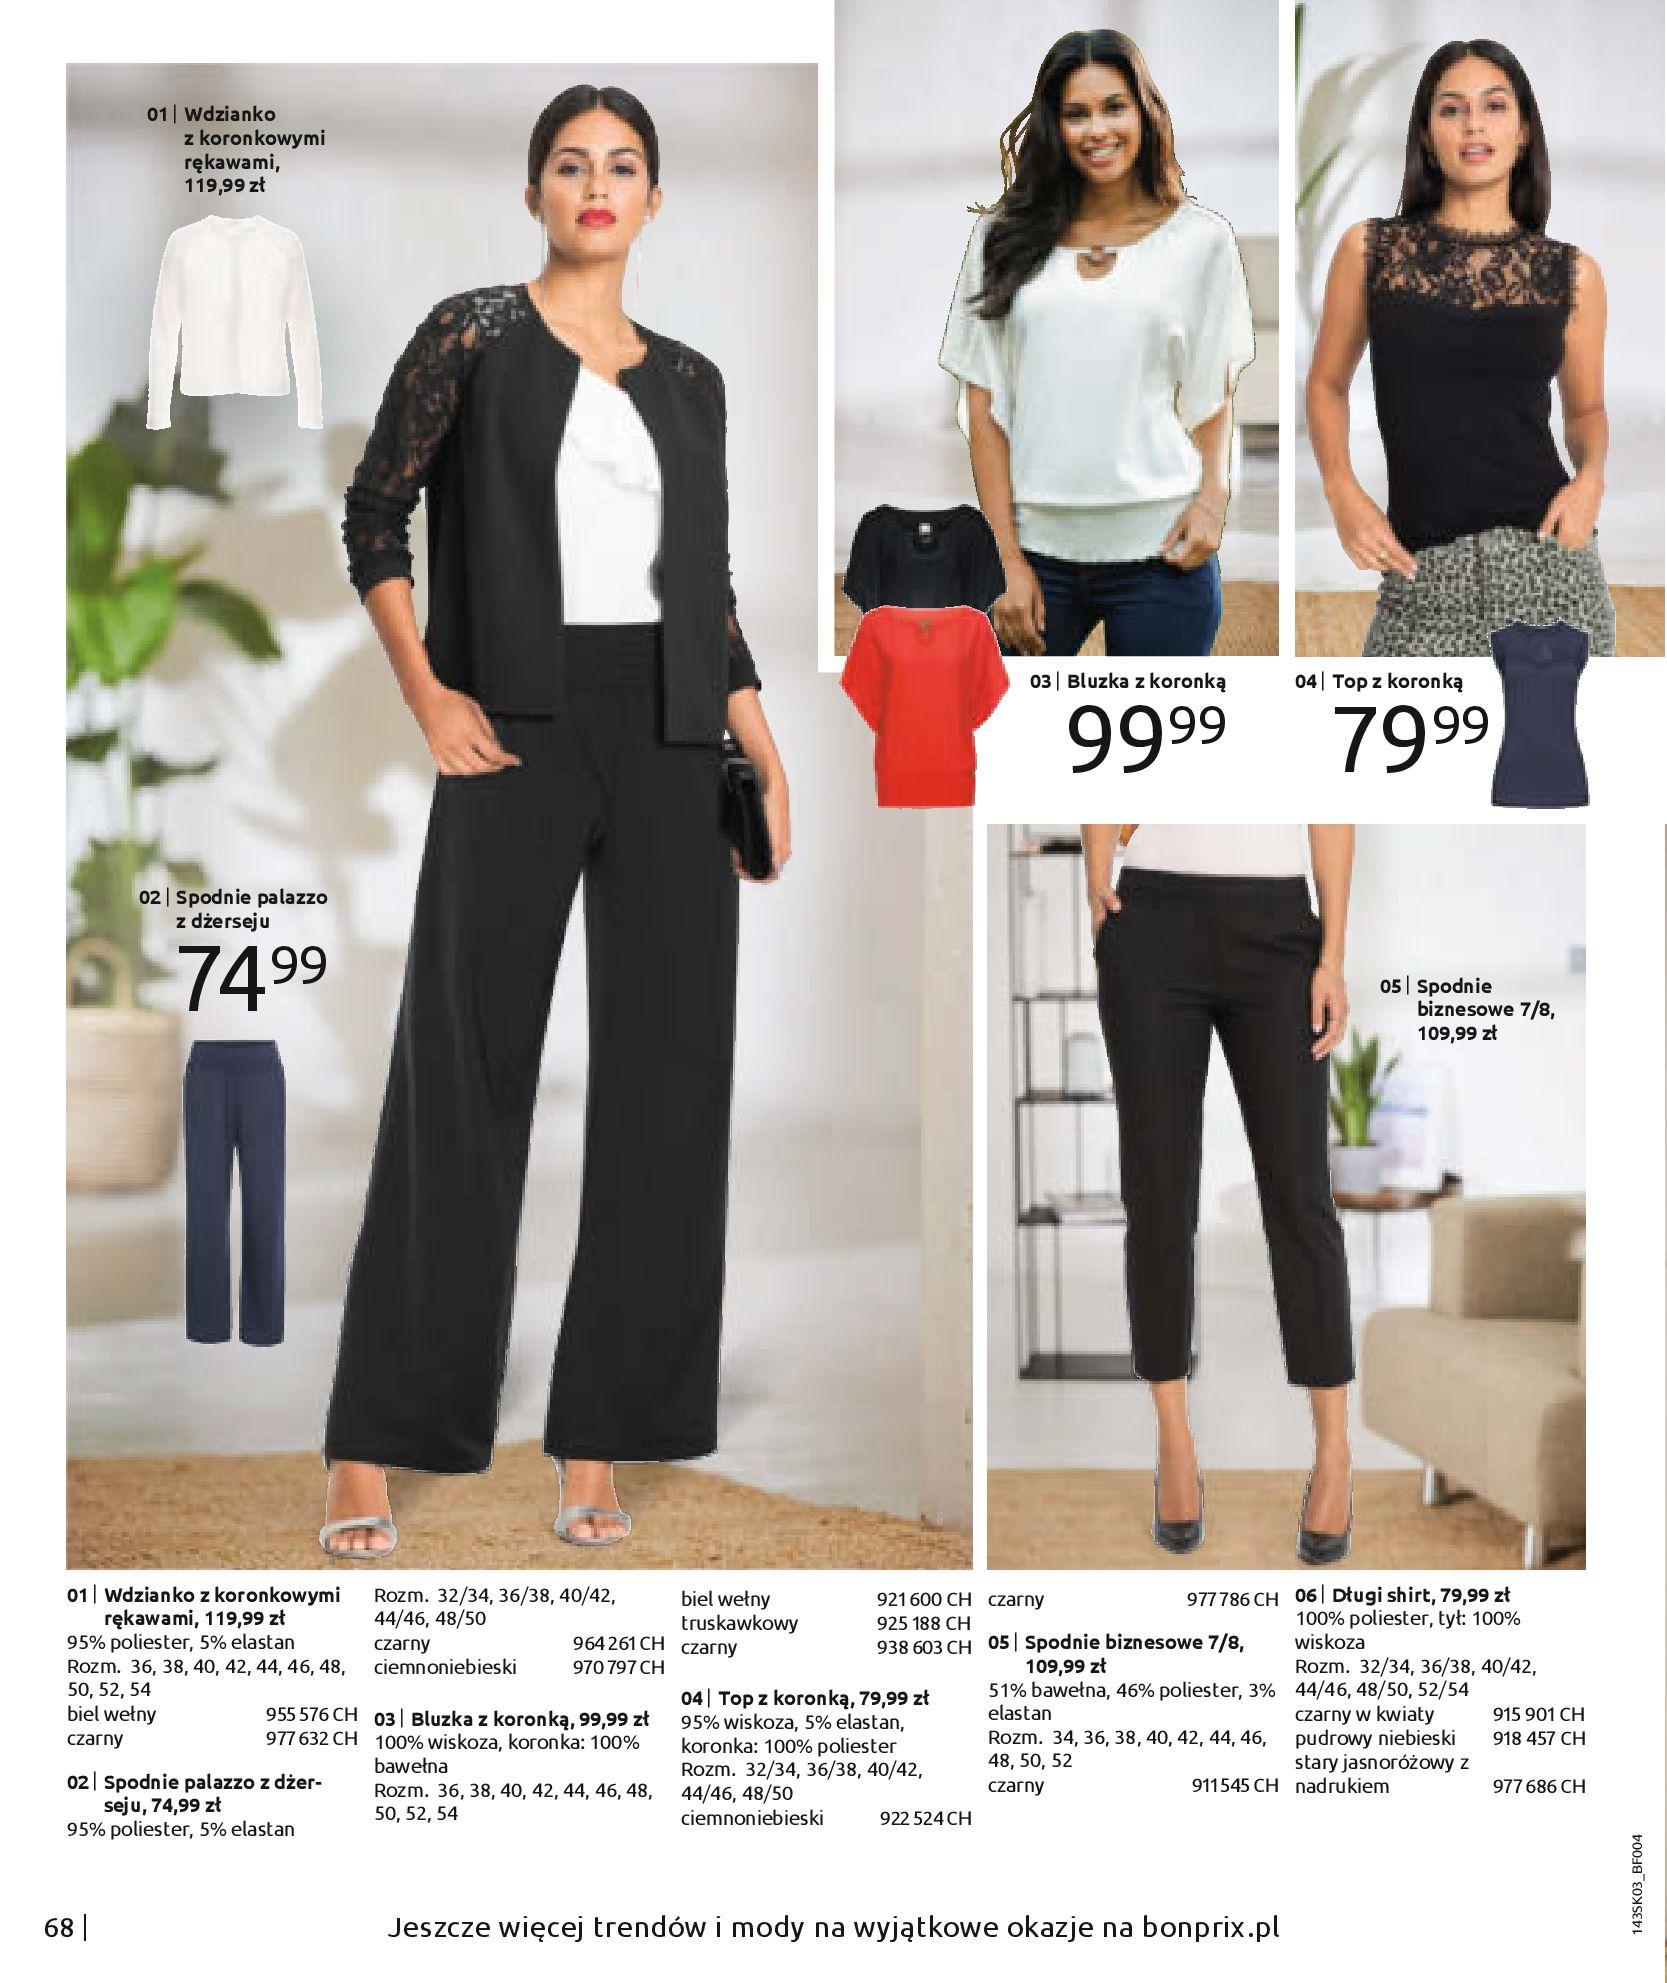 Gazetka Bonprix: Wiosenna moda 2021-03-05 page-70